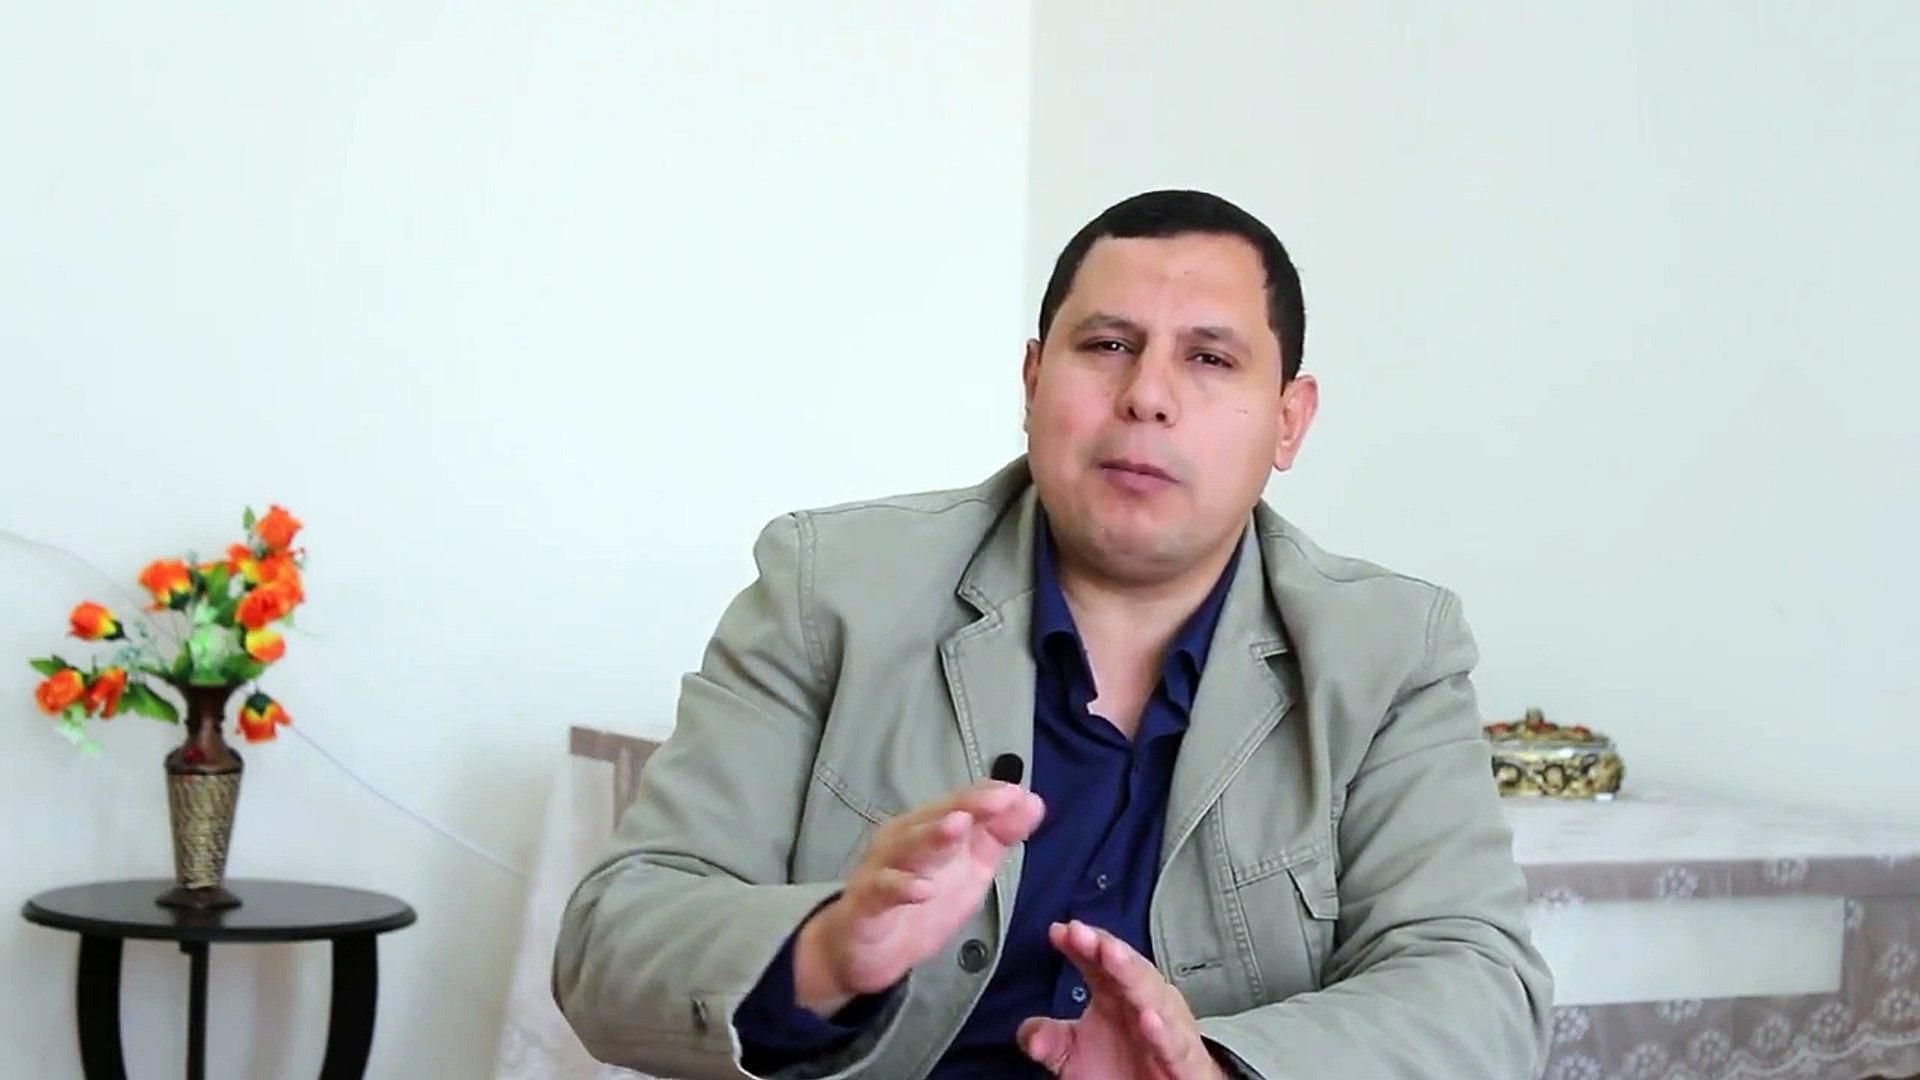 #صابر_مشهور:أسرار معركة الواحات كما يرويها شاهد عيان.. كيف تم تحرير النقيب محمد الحايس؟